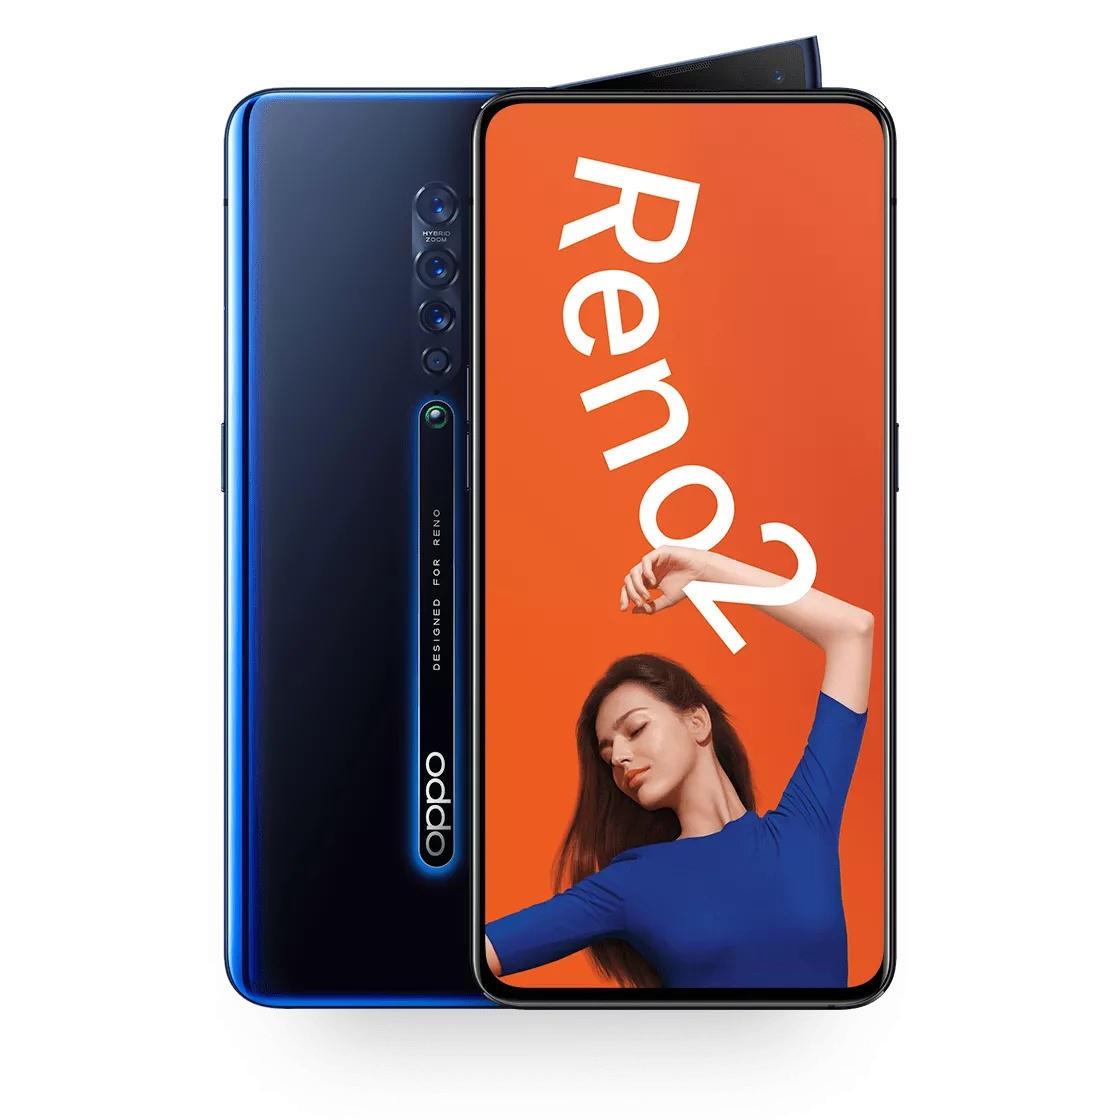 ترشيحات قاعة الموبايلات لأفضل هواتف يمكنك الحصول عليها من 1000لـ 10000 جنيه